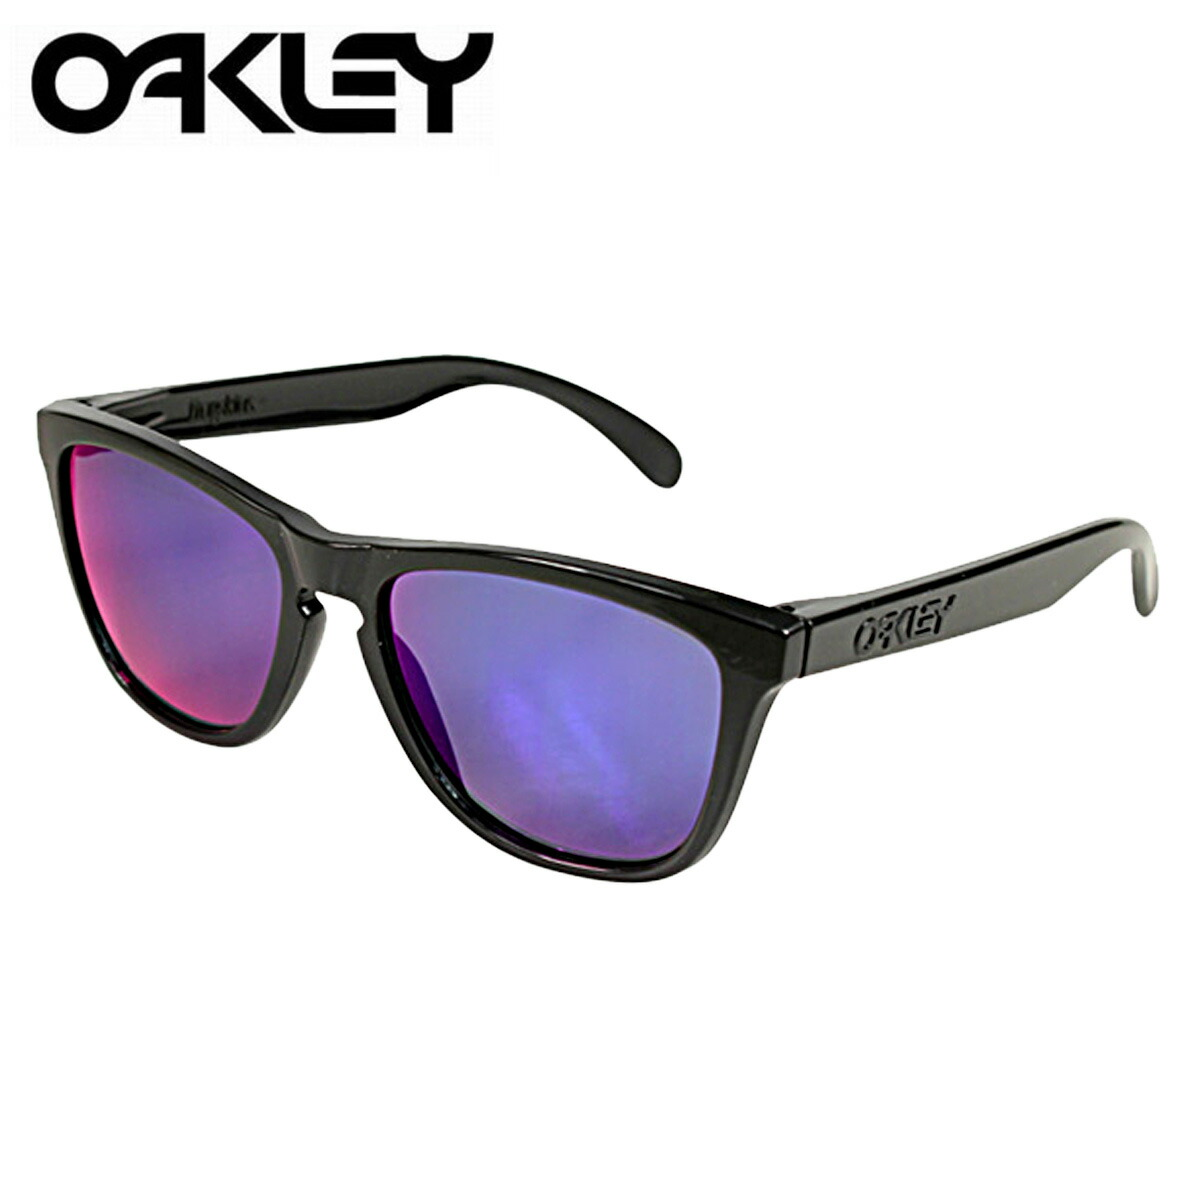 Oakley Frogskins Aquatique